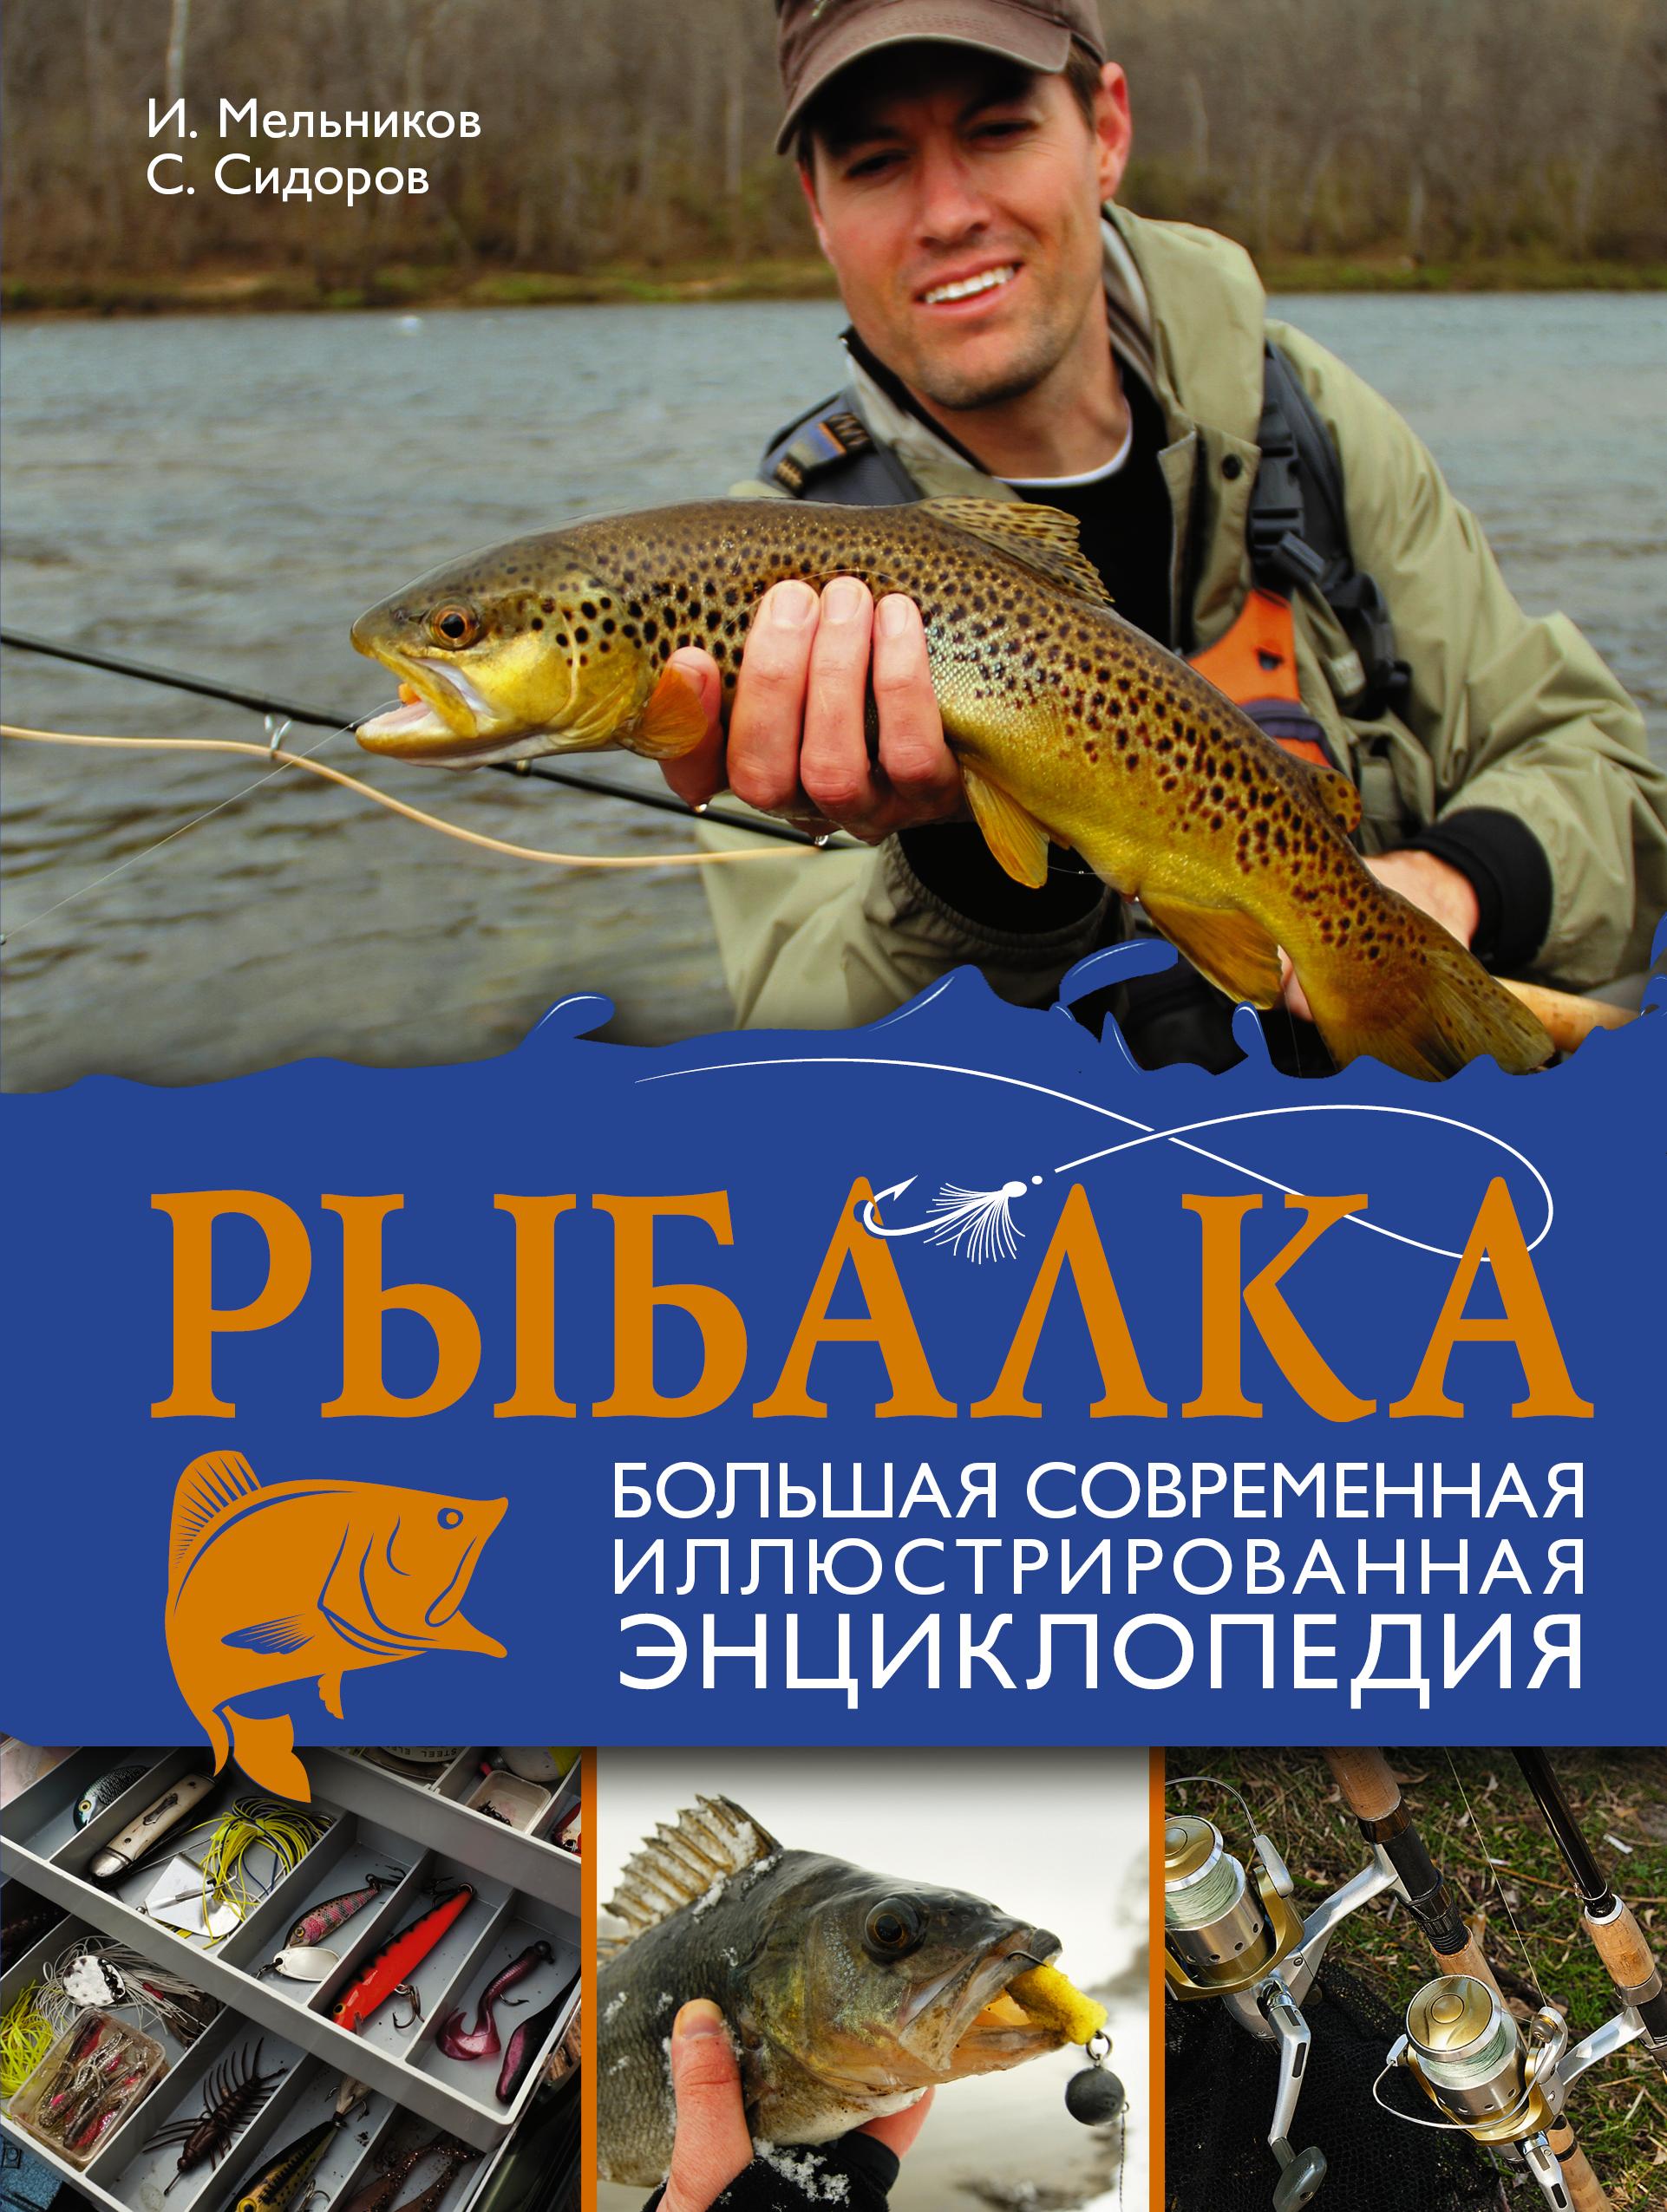 Скачать электронные книги про рыбалку